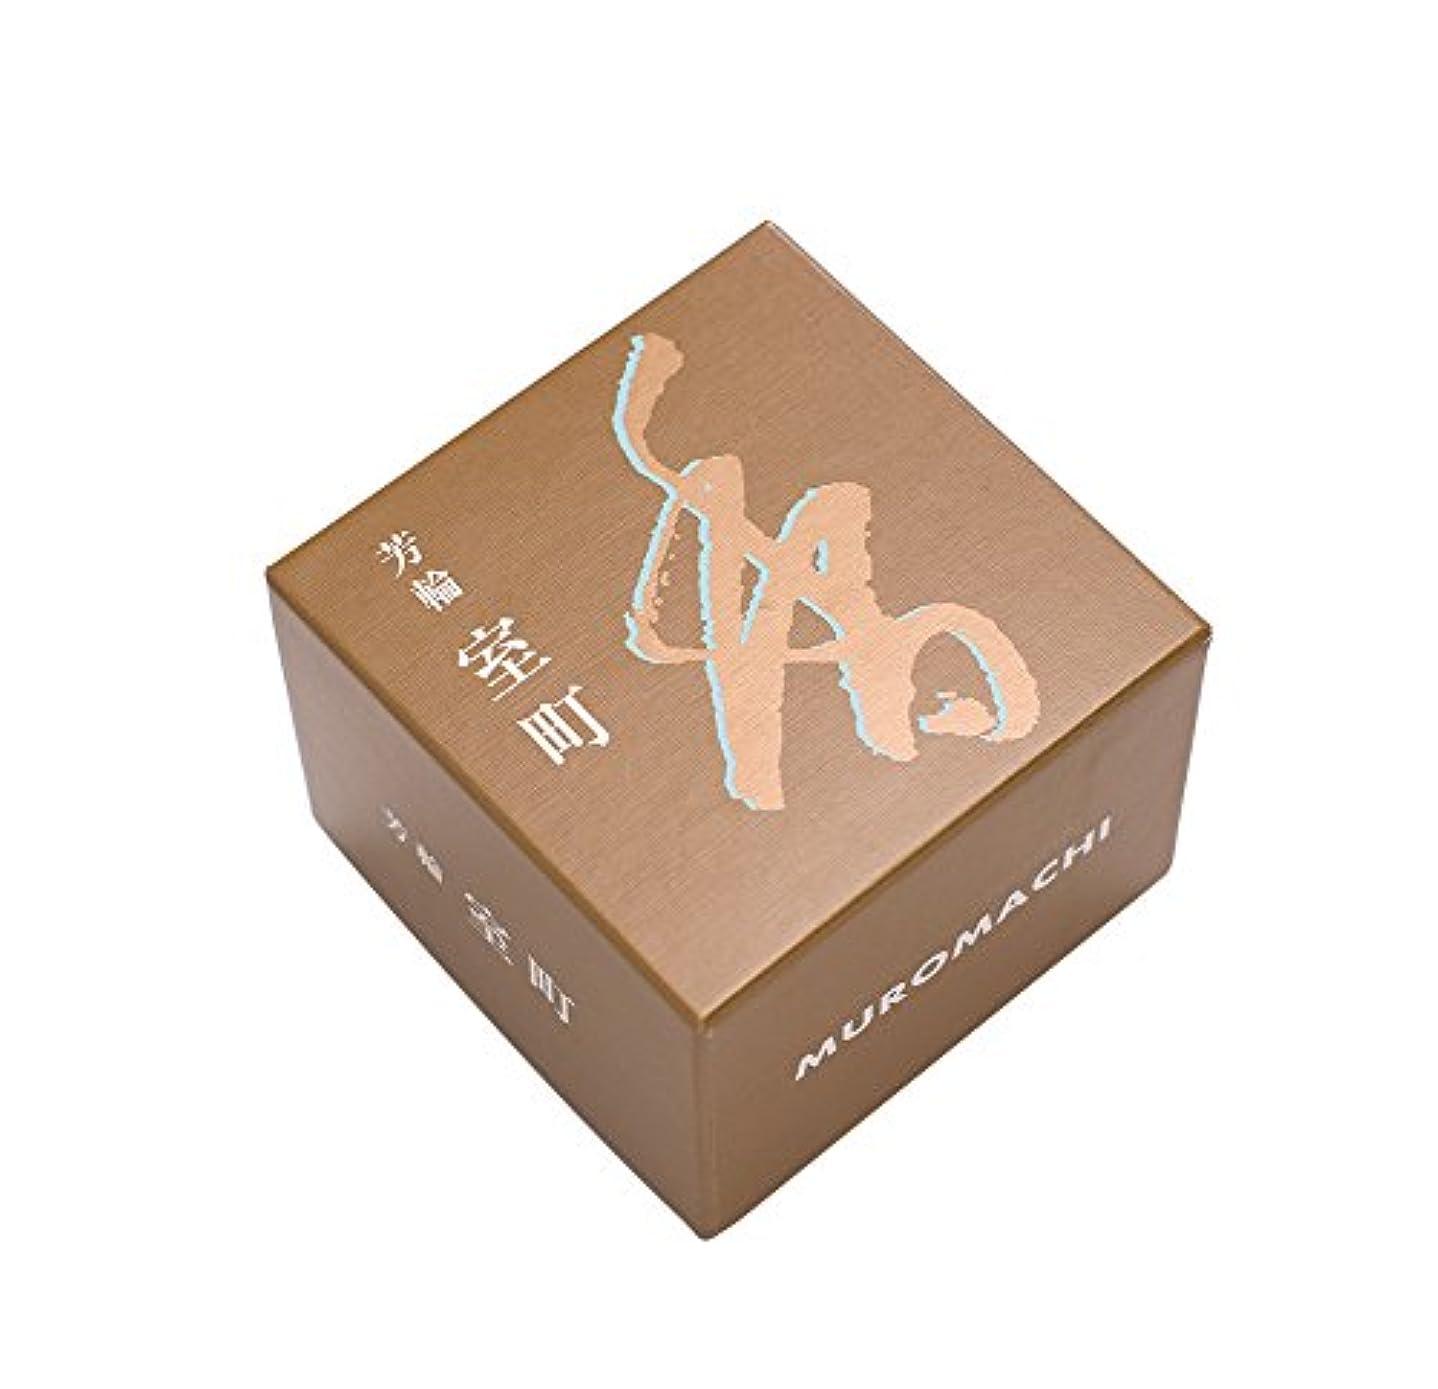 タイトル単に対称松栄堂のお香 芳輪室町 渦巻型10枚入 うてな角型付 #210421